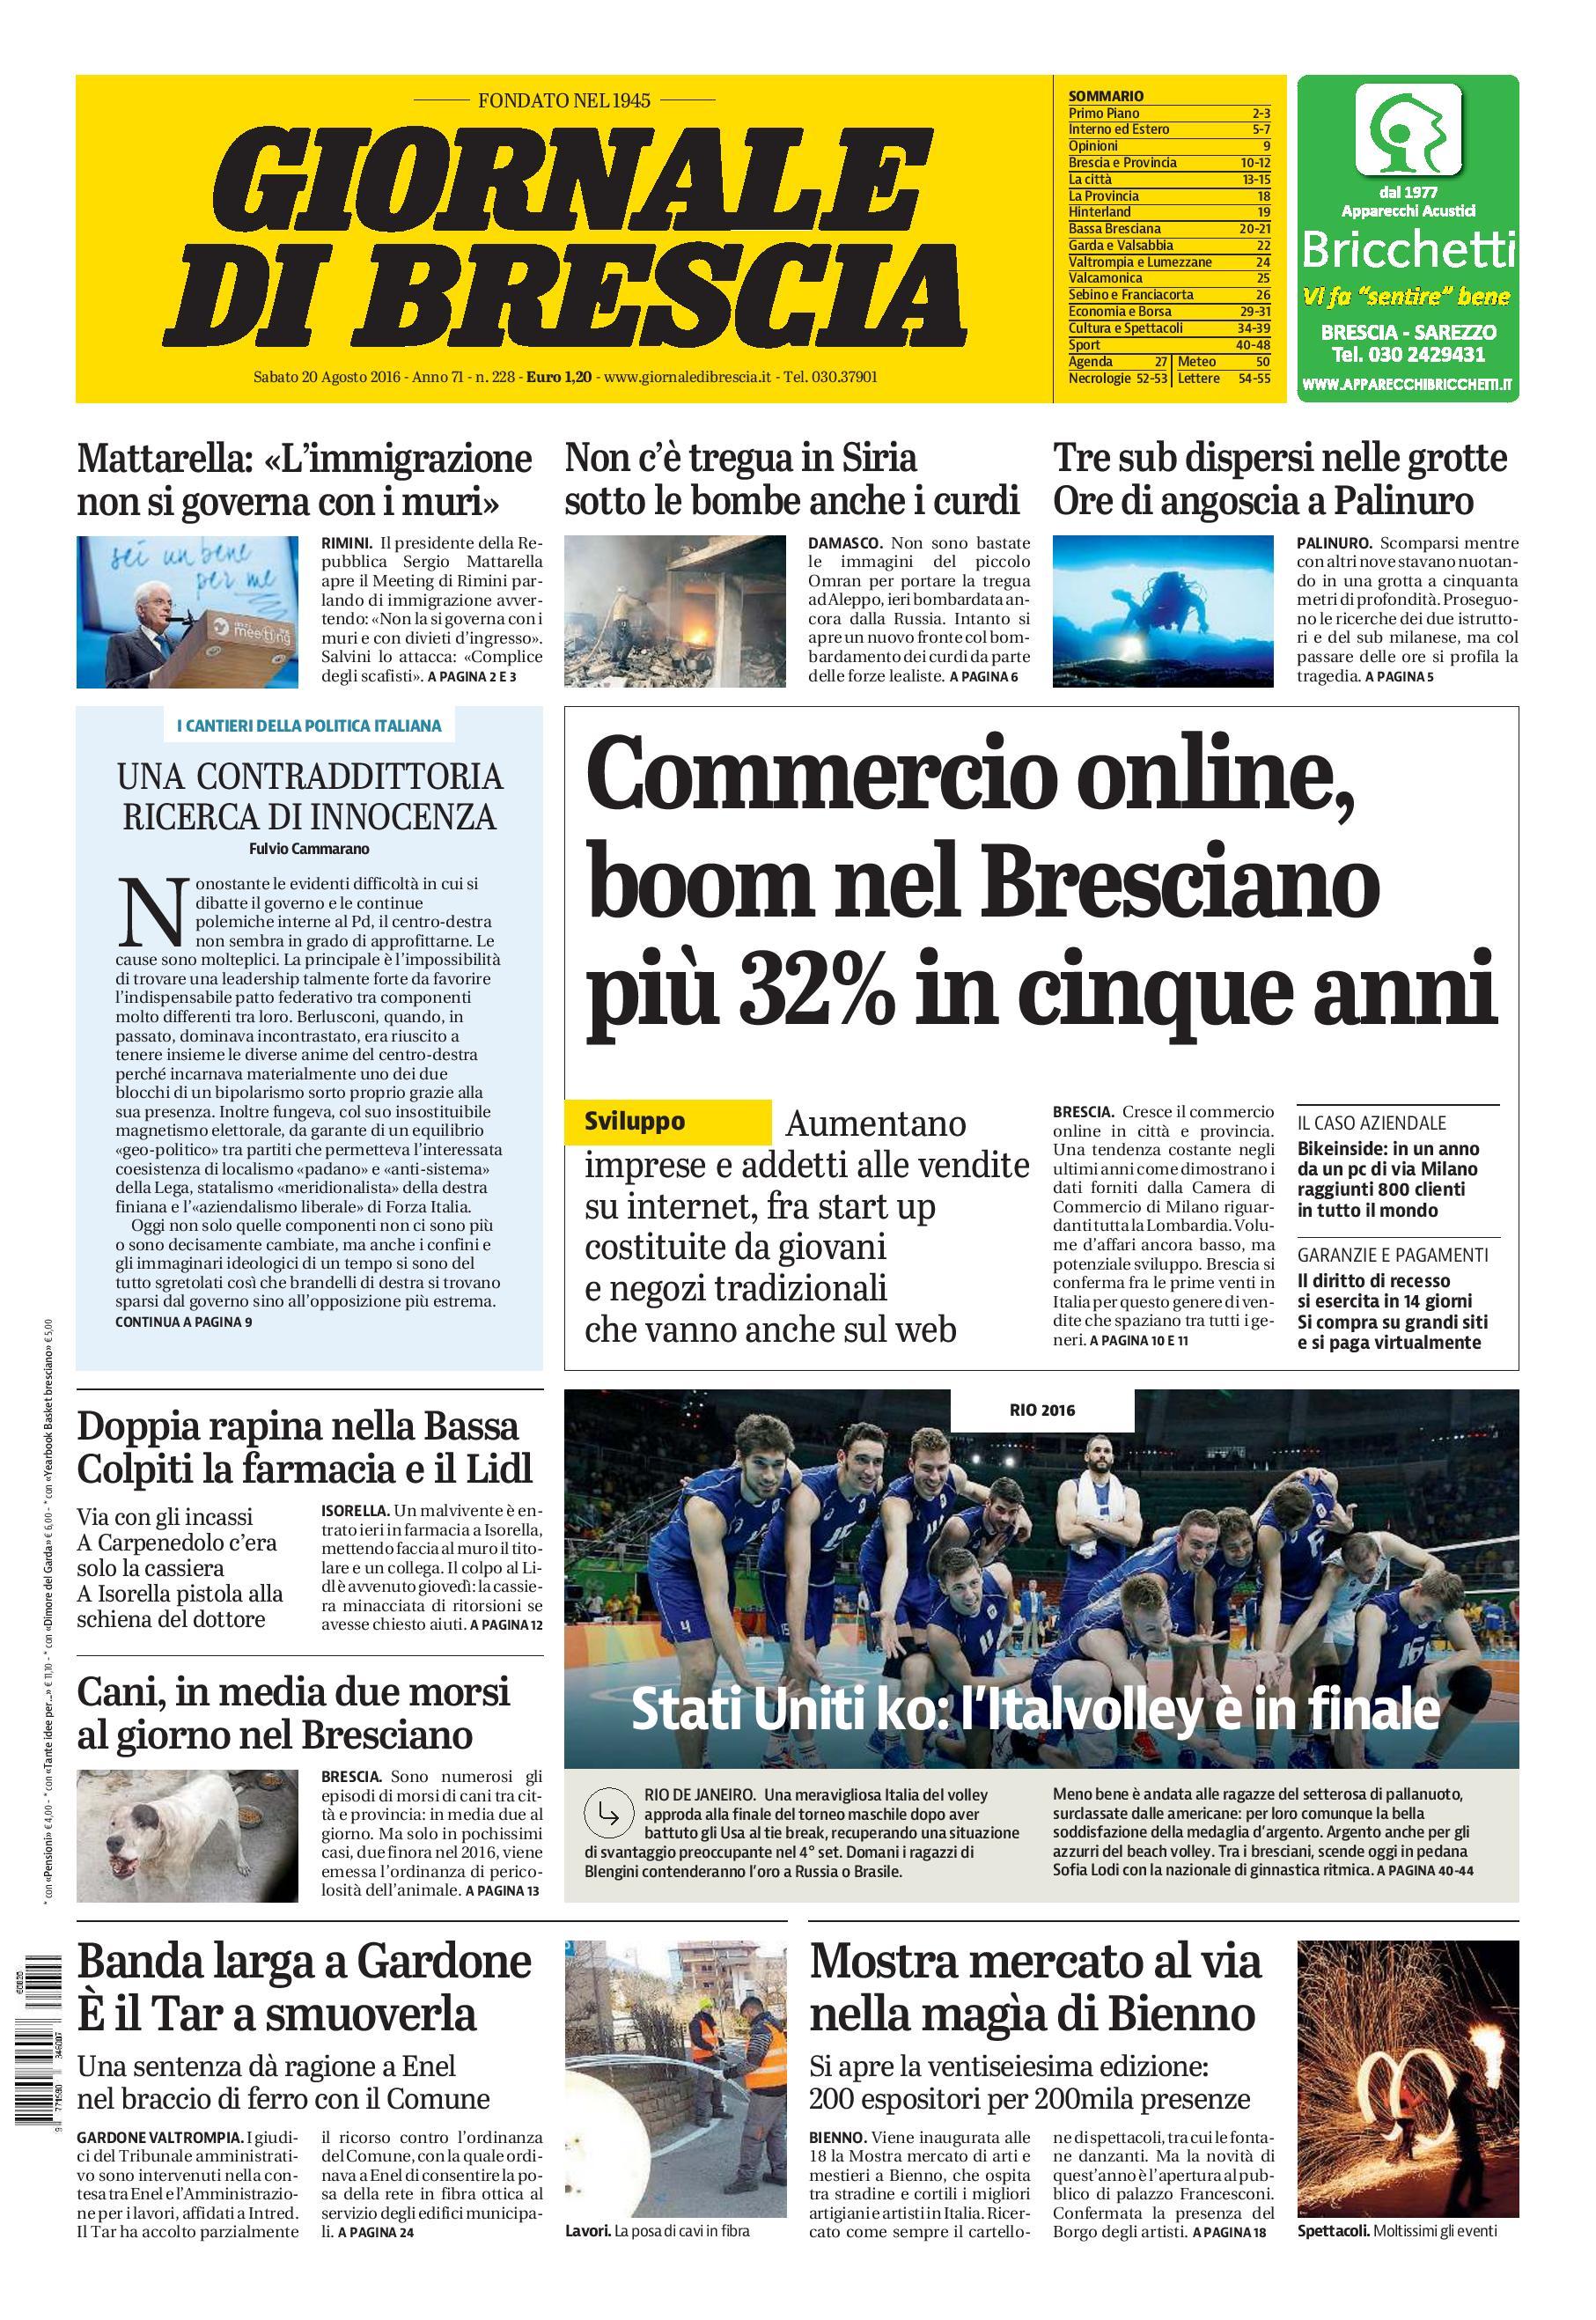 Giornale di Brescia - sabato 20 agosto 2016